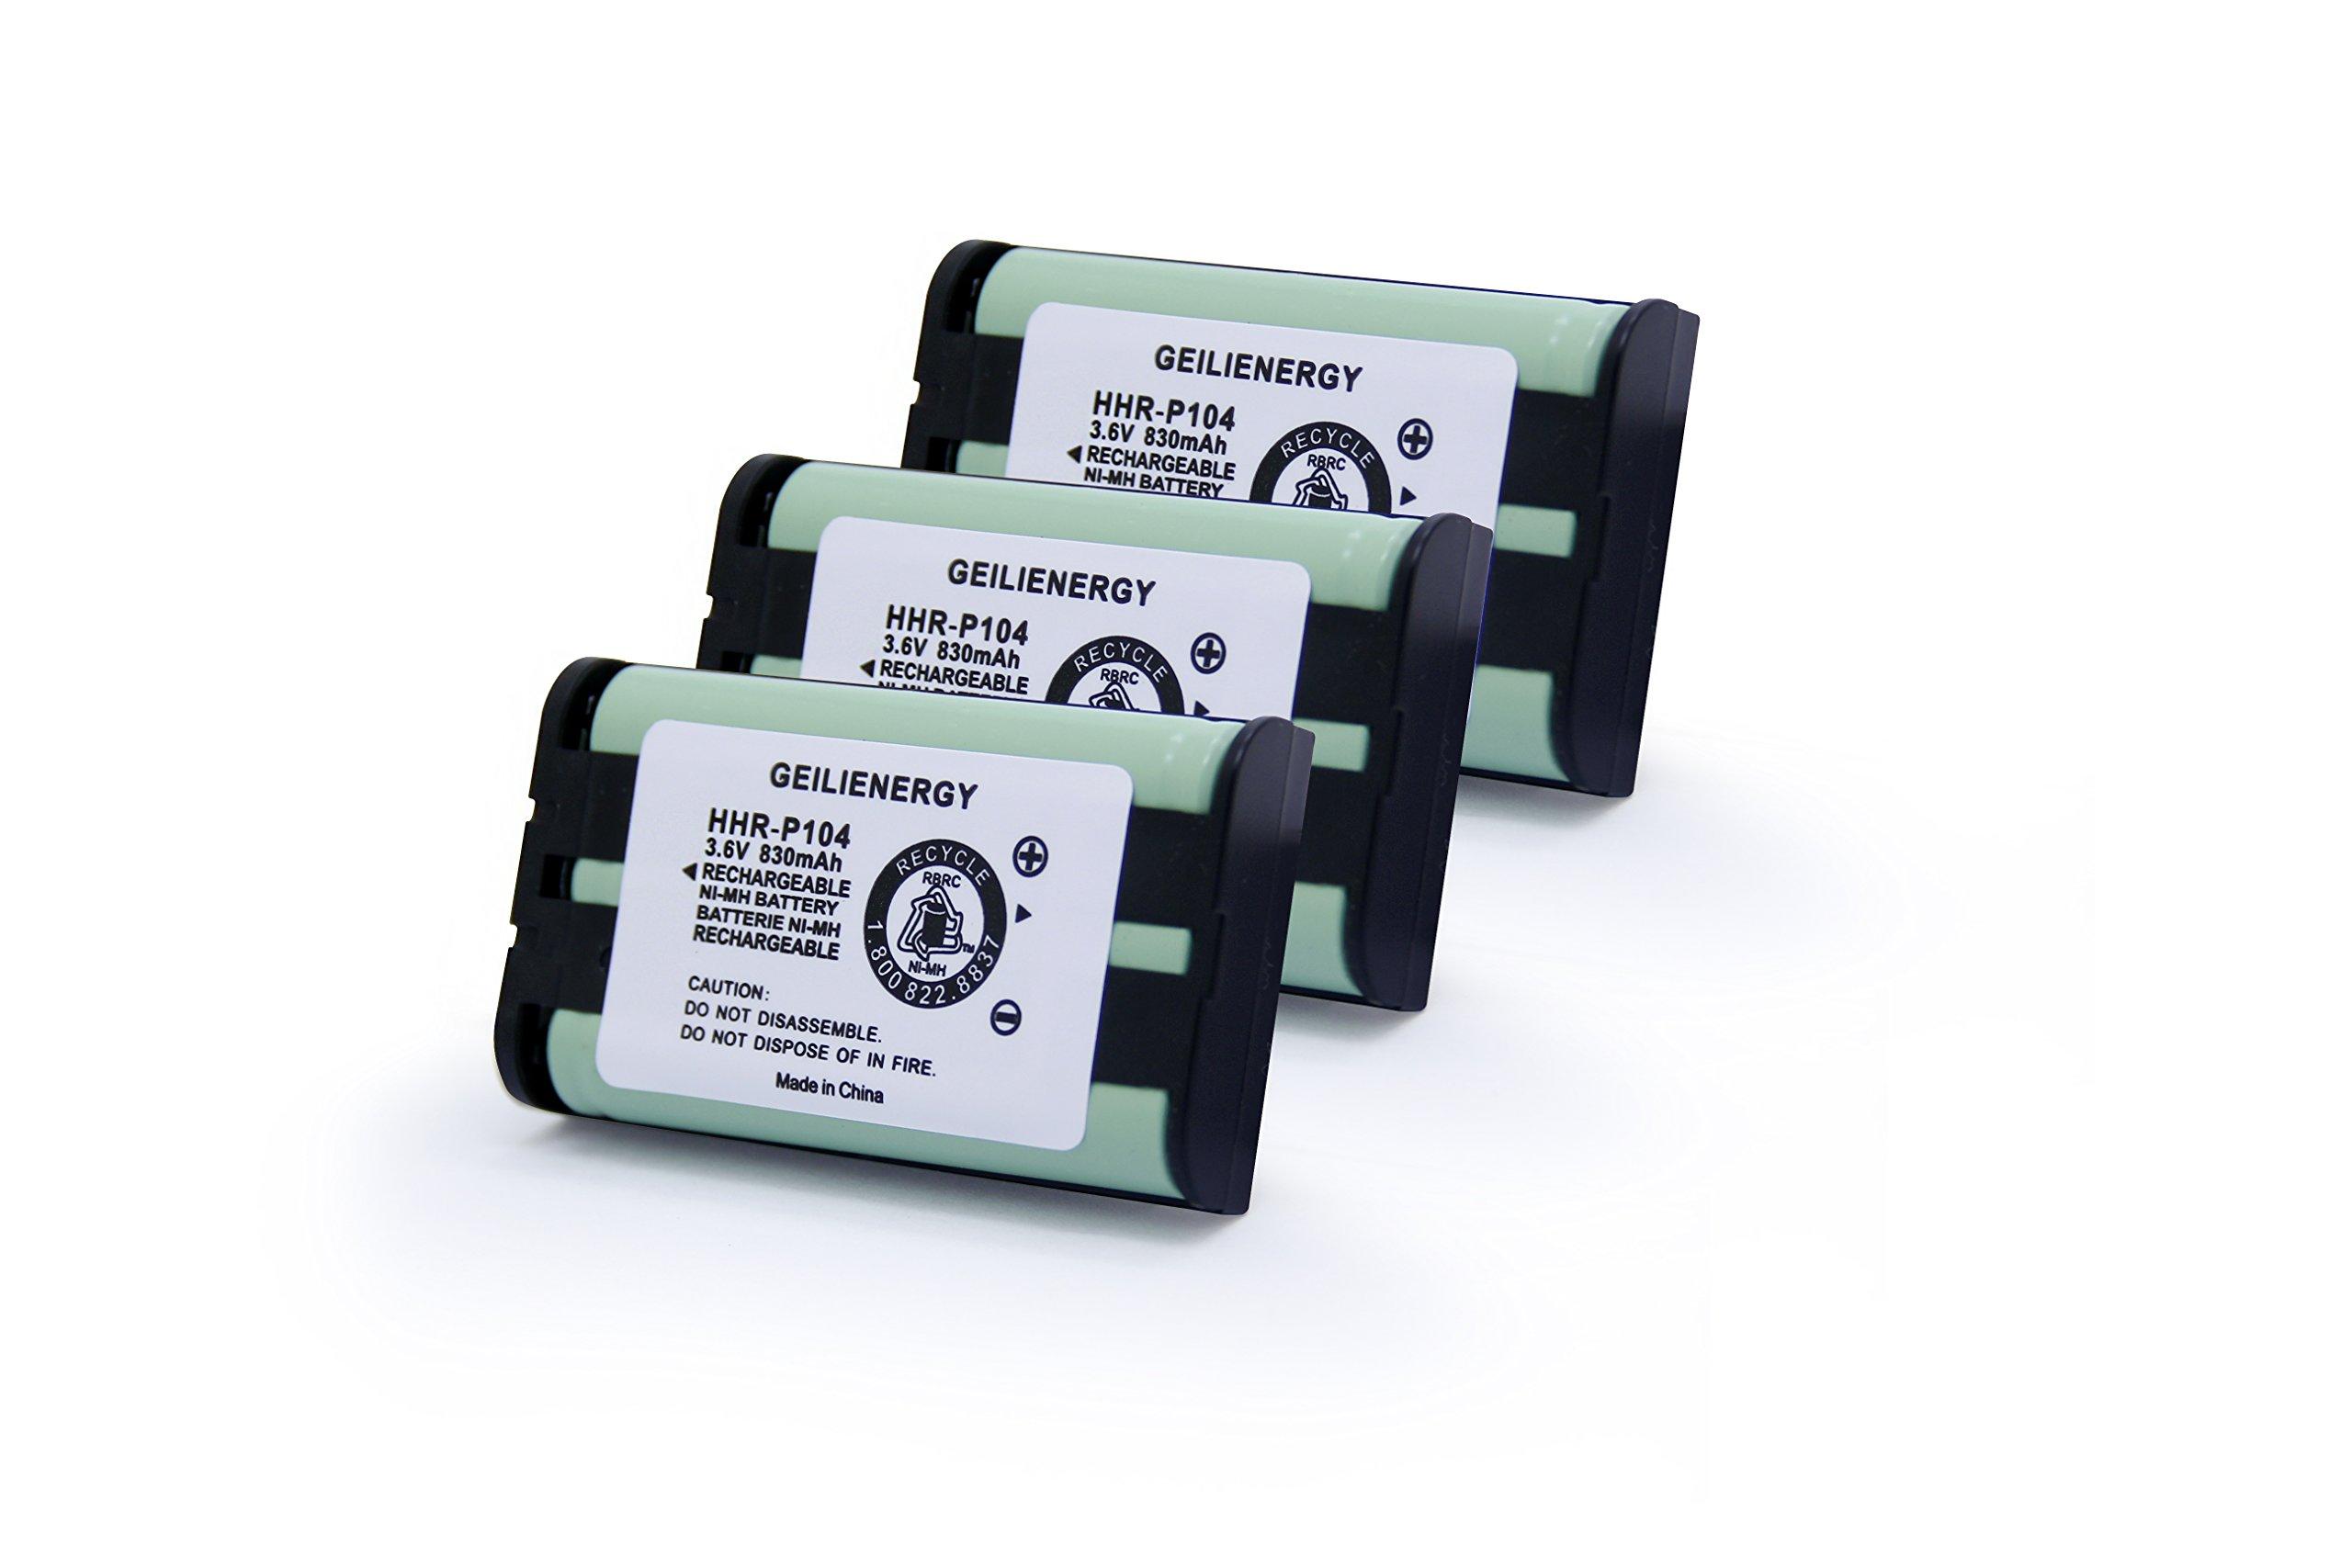 GEILIENERGY 3.6V 830mAh Type 29 Phone Battery Compatible with Panasonic HHR-P104, HHR-P104A, KX-TGA520M,KX-FG6550, KX-FPG391,KX-TG2388B KX-TG2396 KX-TG2300 Panasonic Phone Replacement(3 Pack)